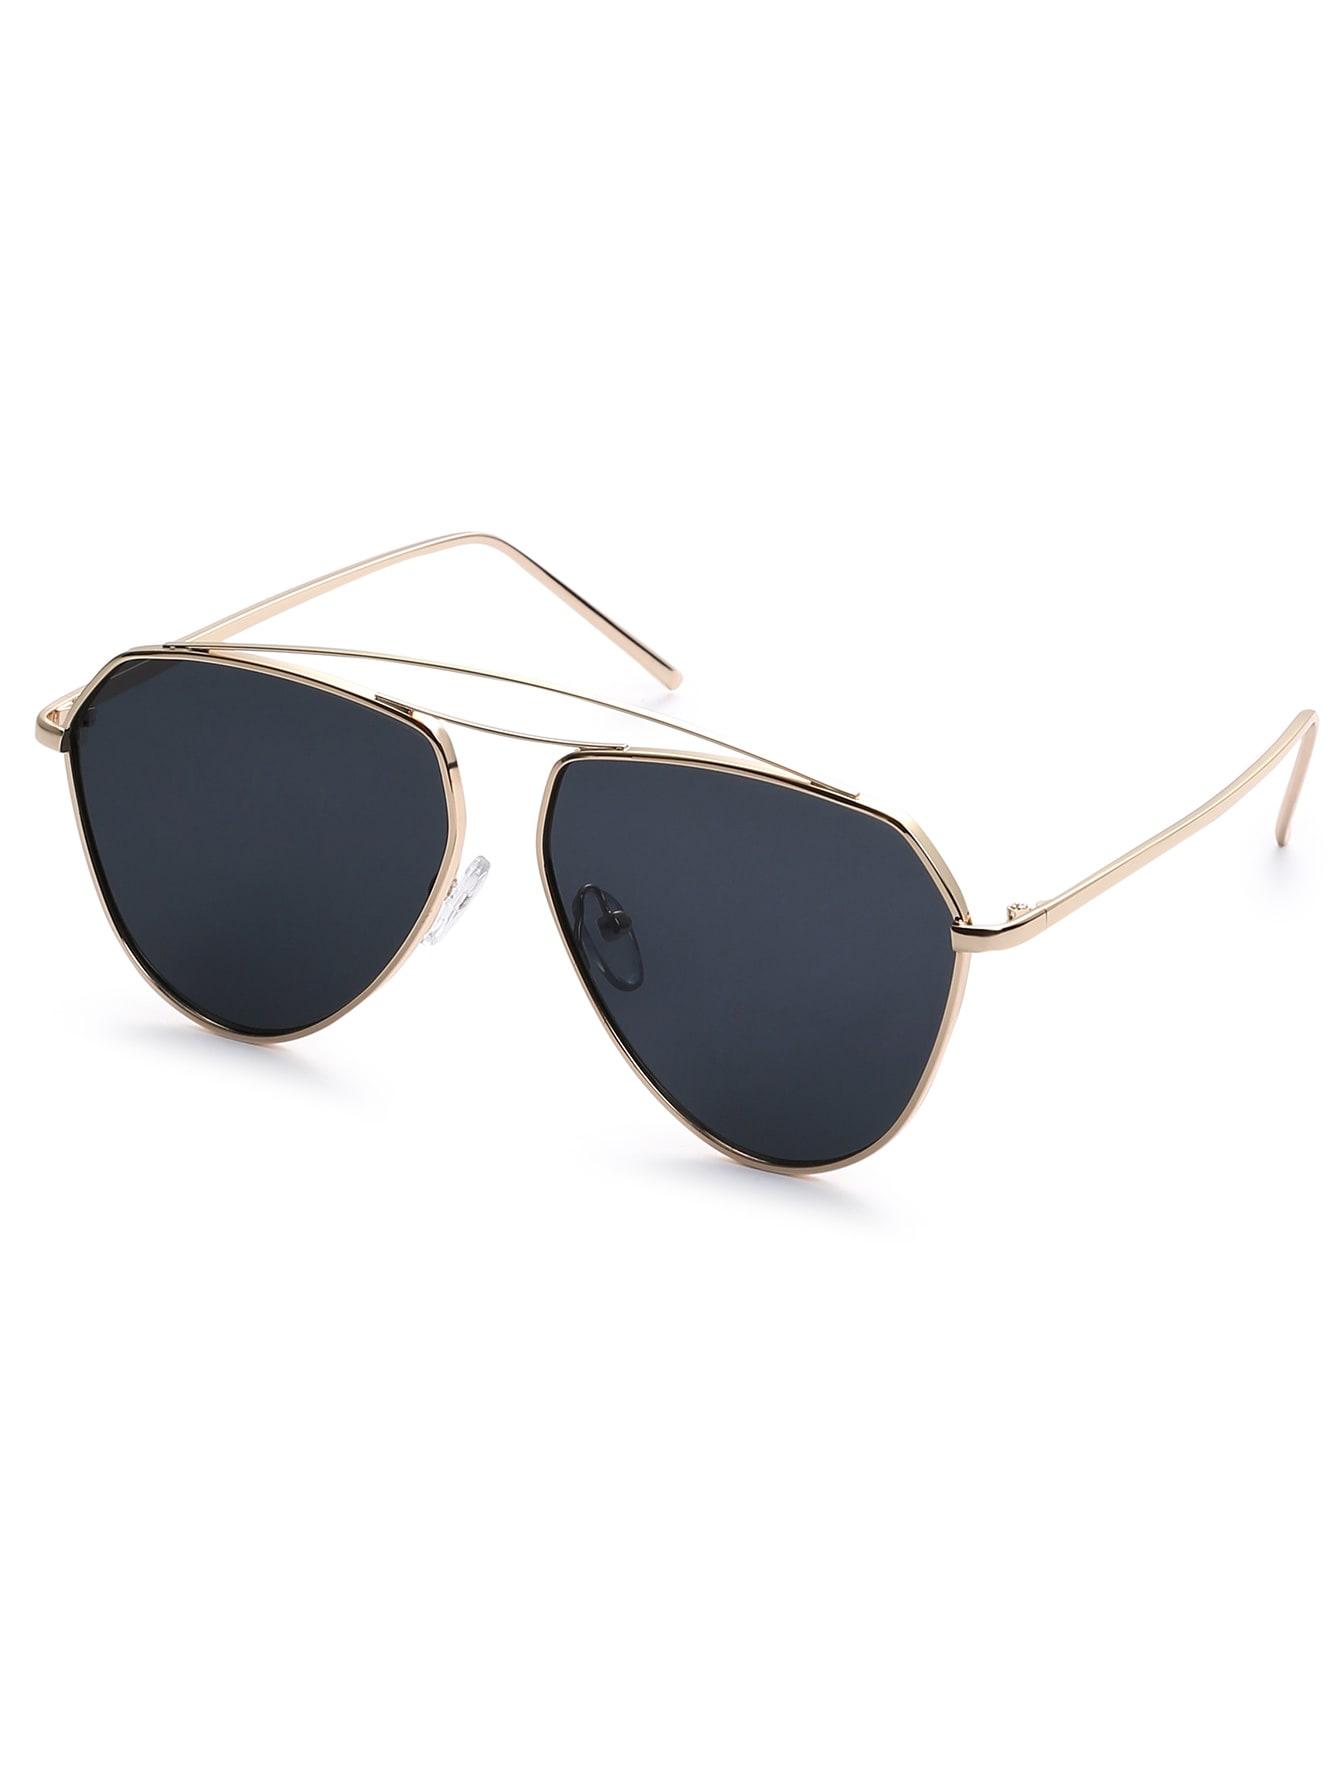 Golden Frame Black Sunglasses : Gold Metal Frame Black Lens Aviator Sunglasses